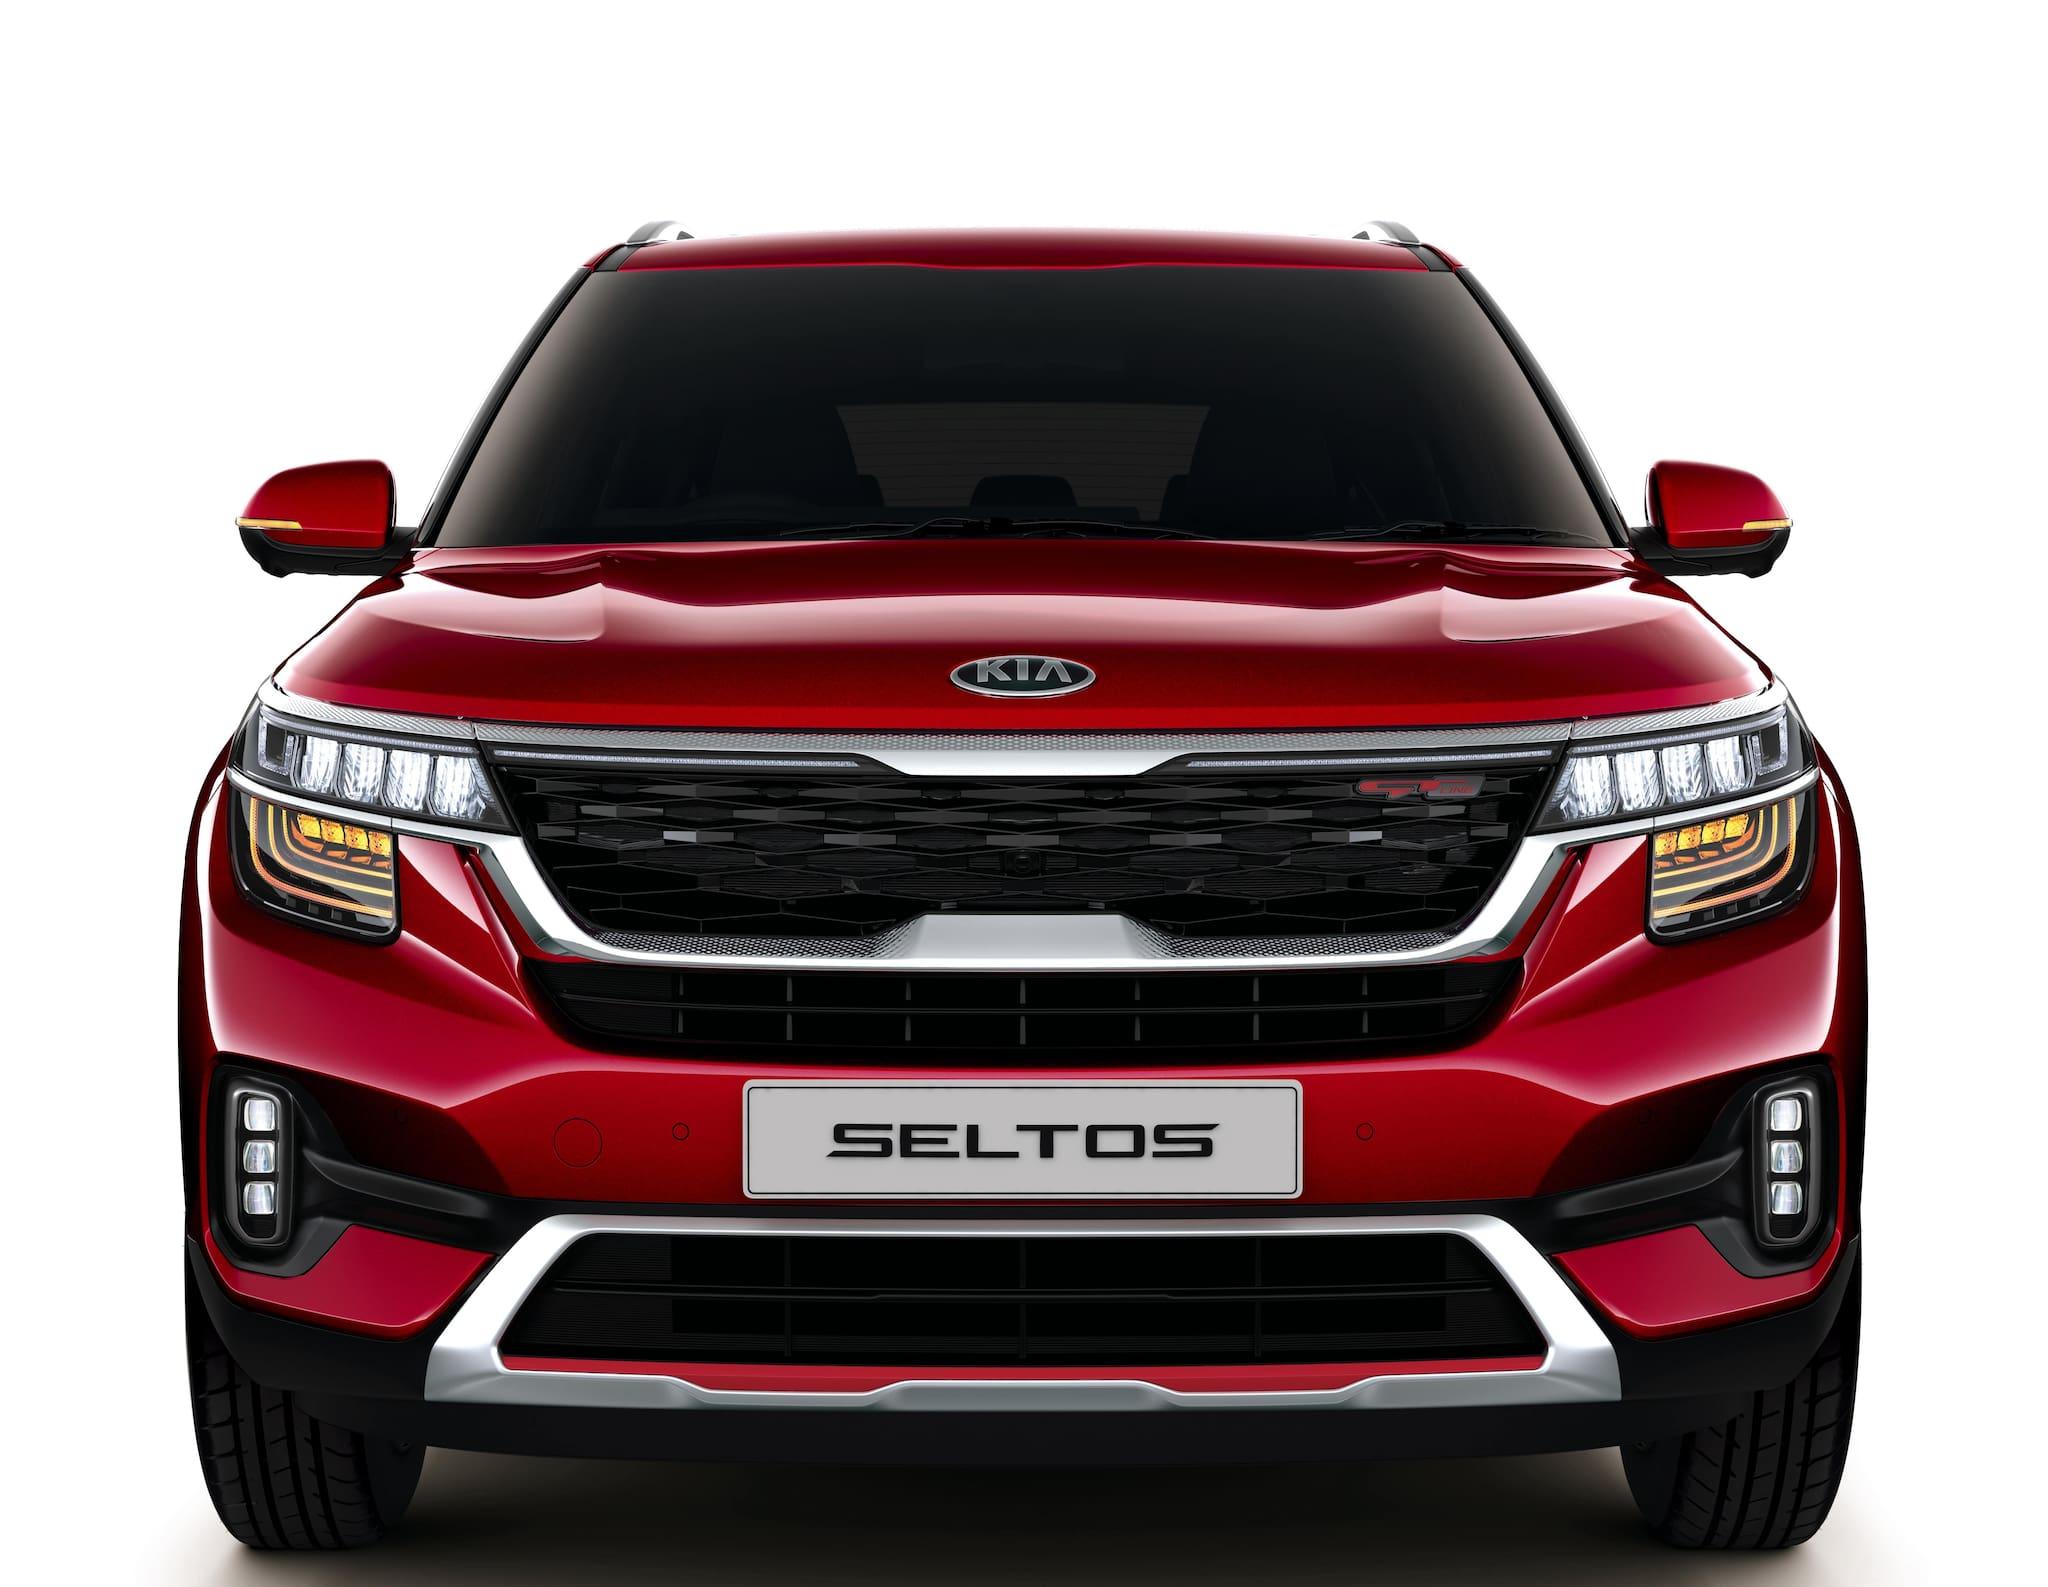 Kia PH Reveals Upcoming Kia Seltos\' Prices Prior to November 6 Launch